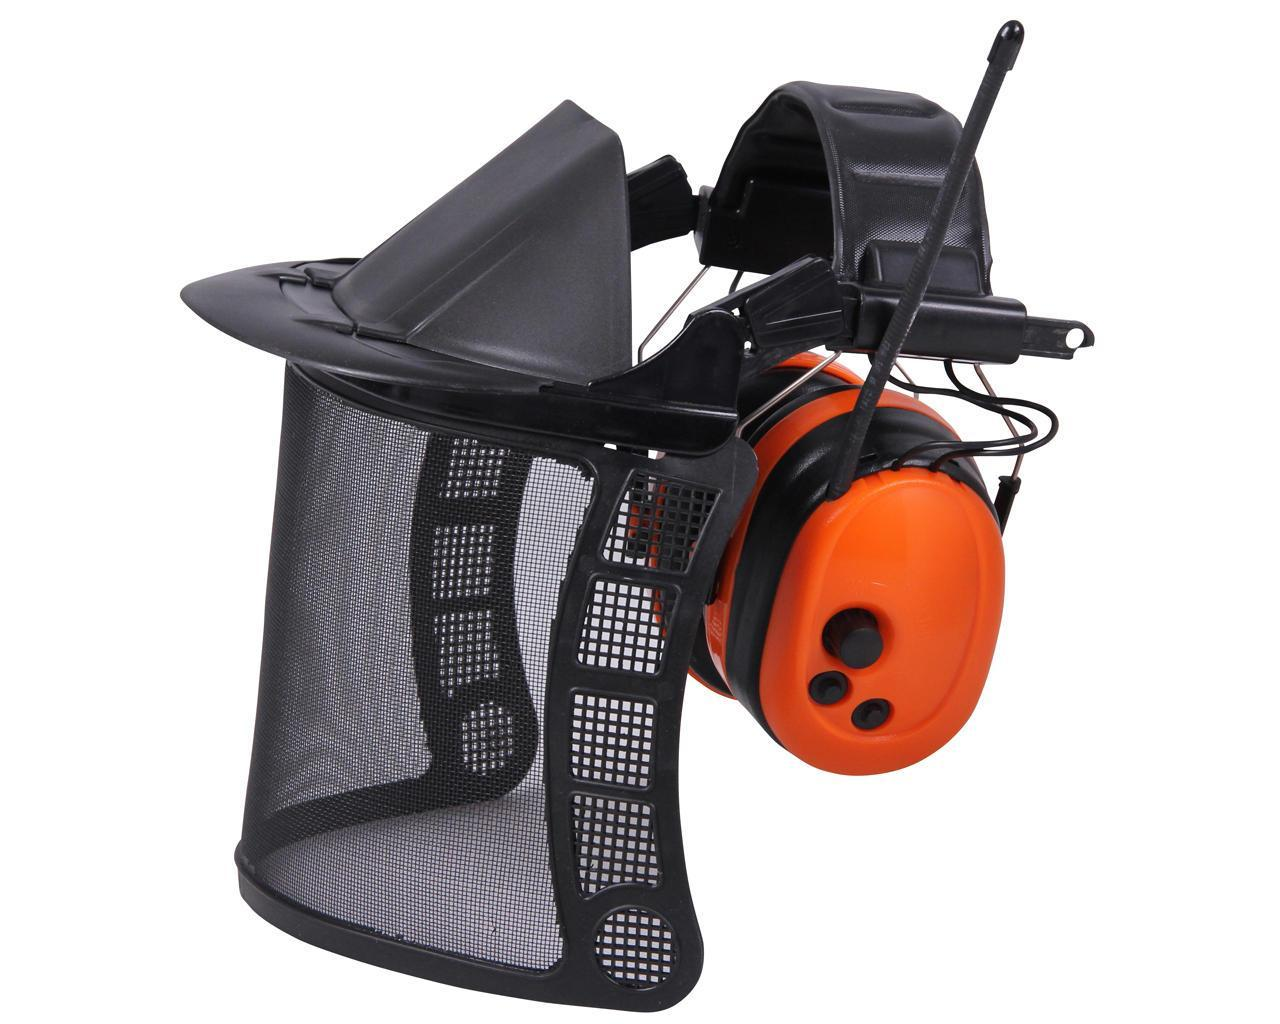 Щиток сетка с fm радио наушниками 28db для газонокосильщика и лесоруба.